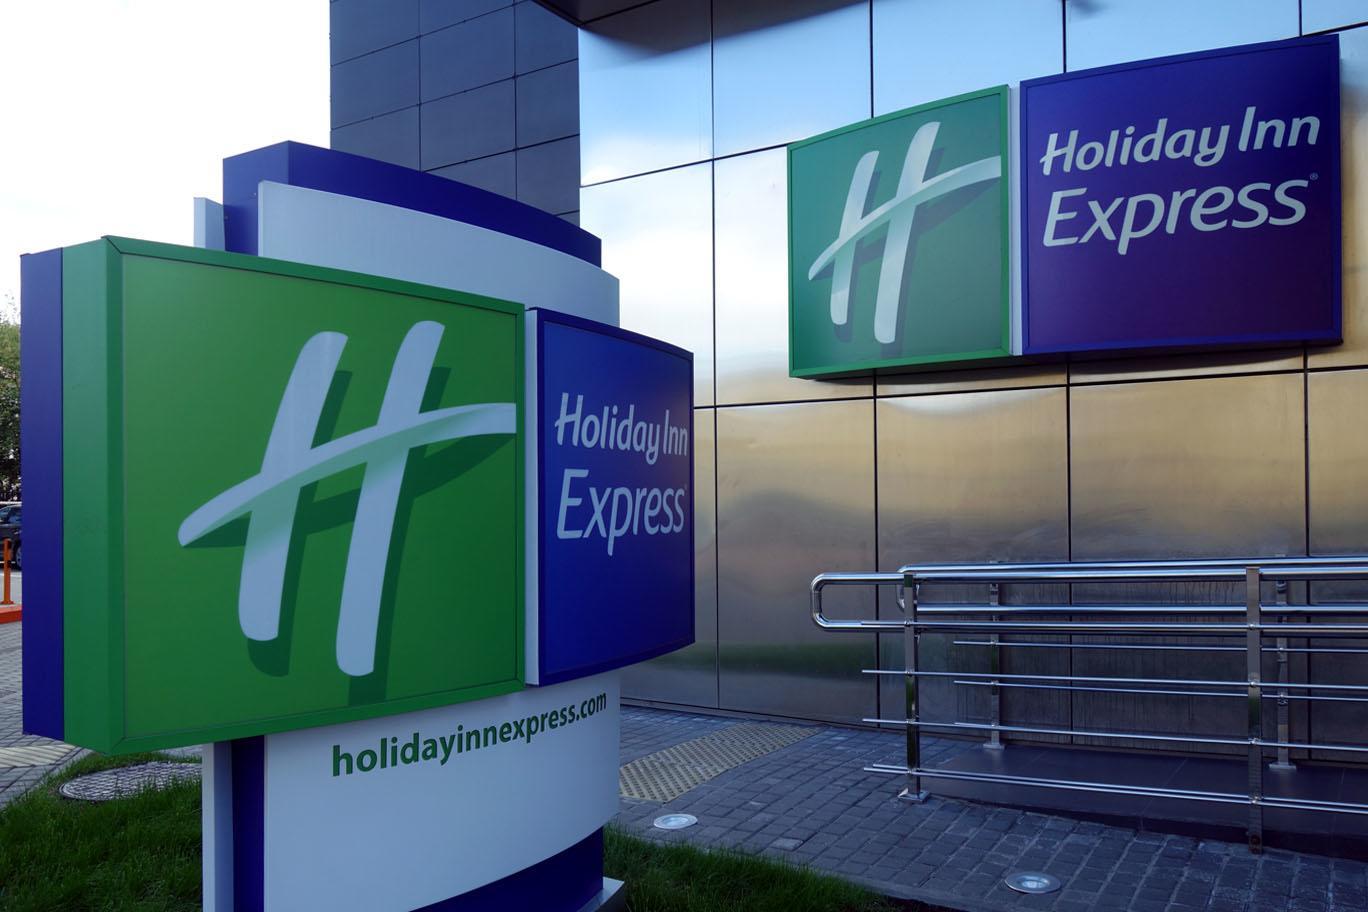 Грустная ирония: лондонских бездомных поселили в отели IHG…но те отказались